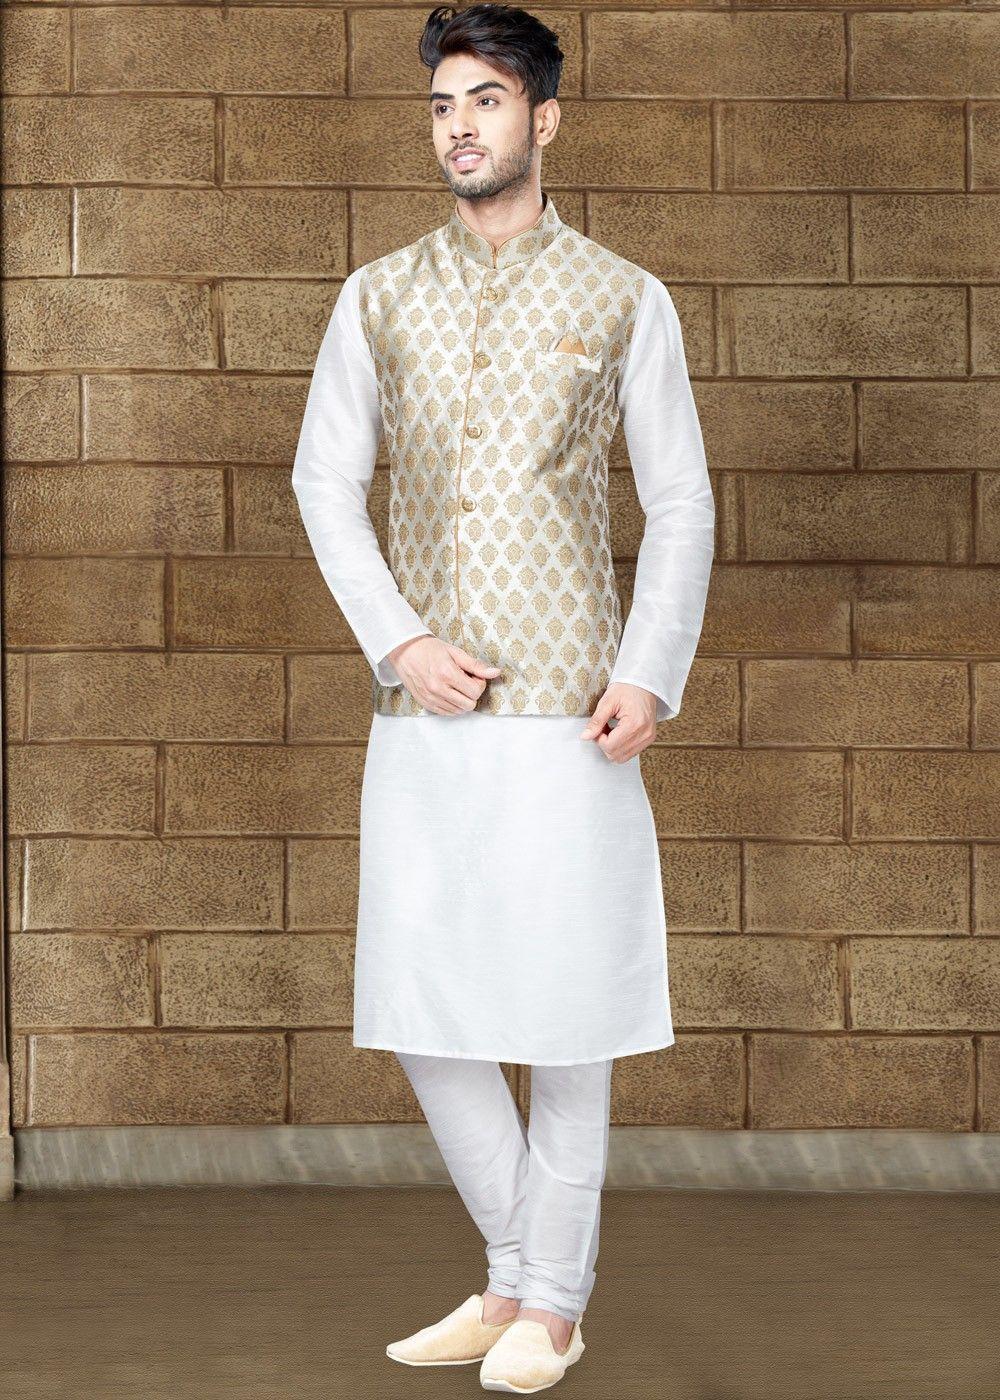 Readymade White Kurta Pajama and Nehru Jacket